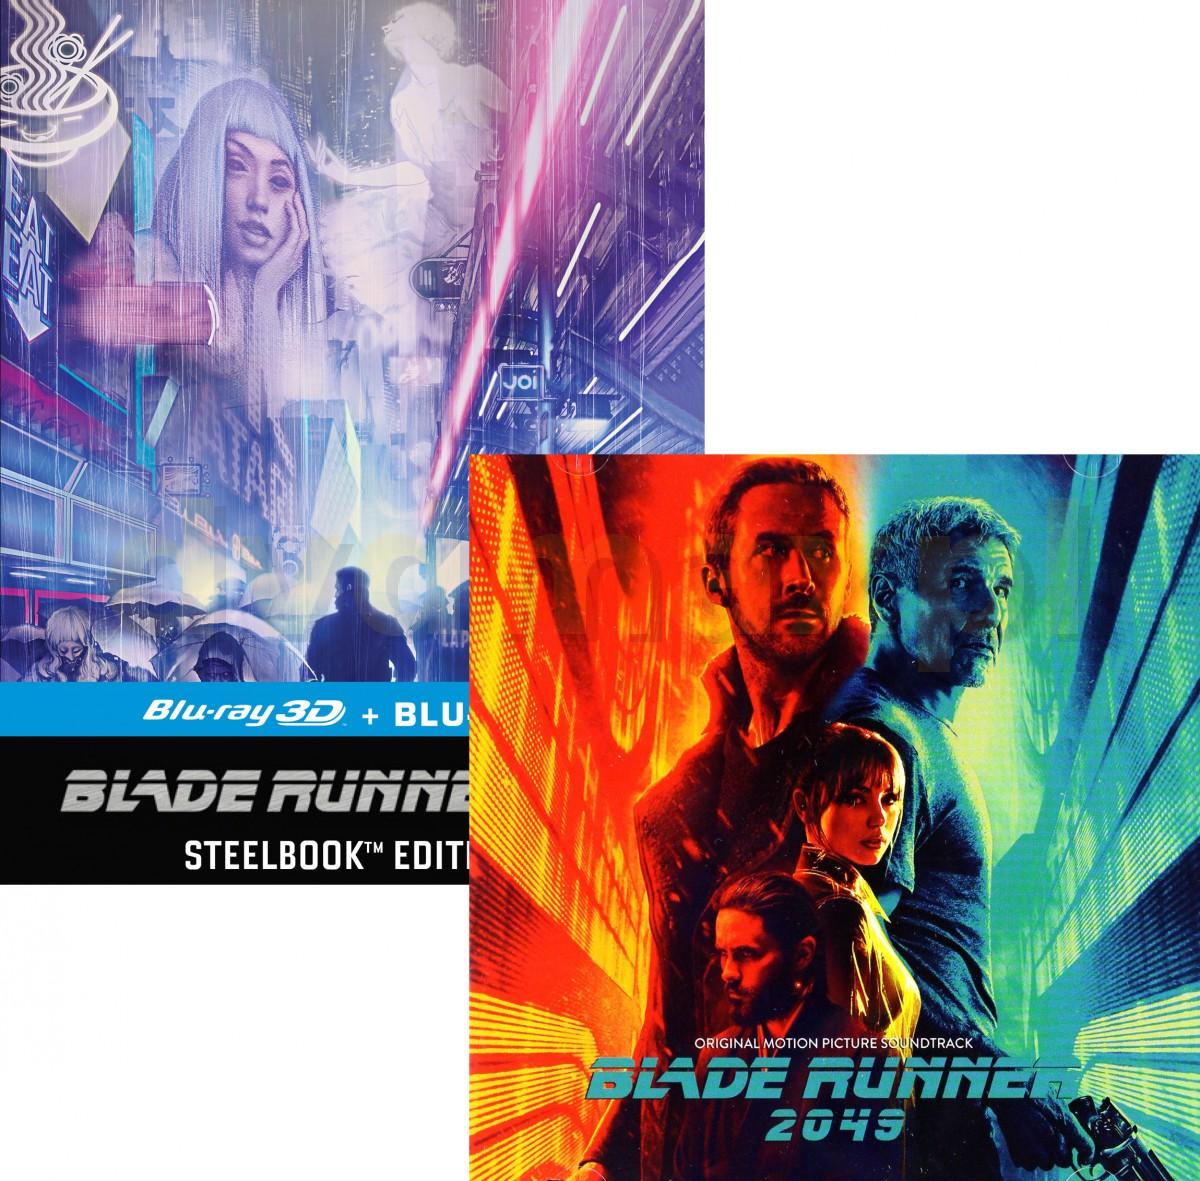 Blade Runner 2049 + soundtrack